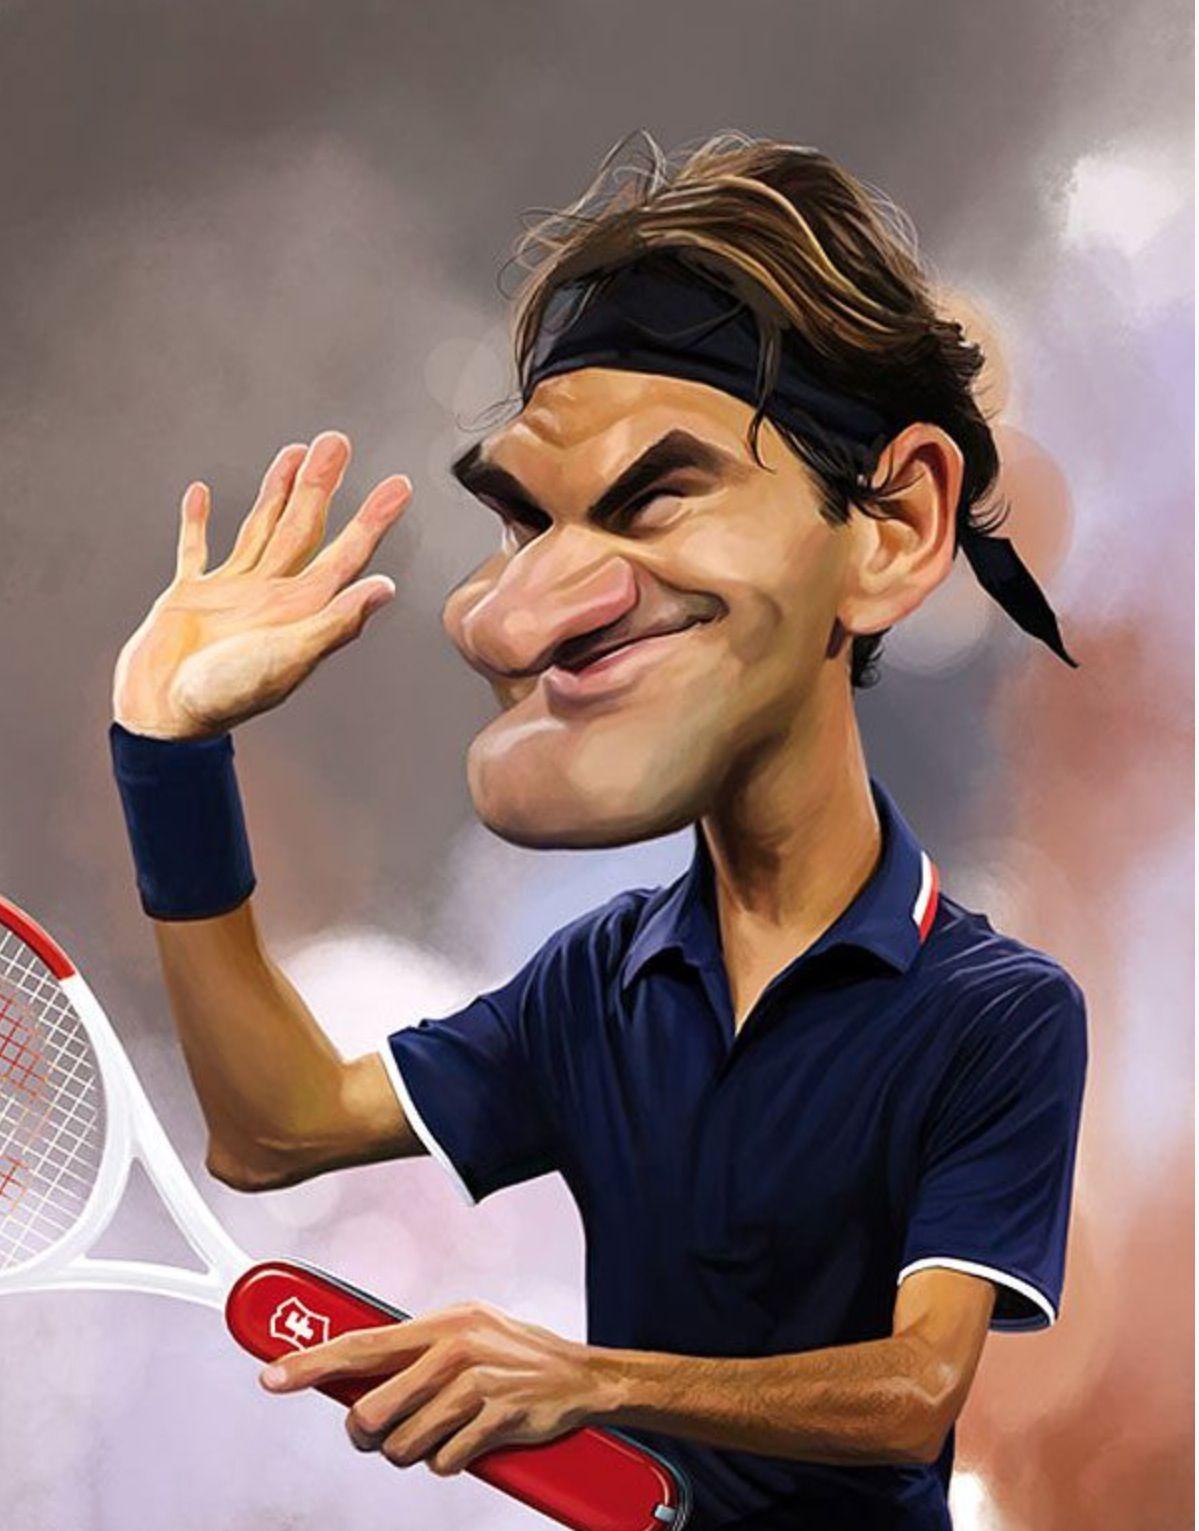 Peter magnusson gor tennishumor i tv